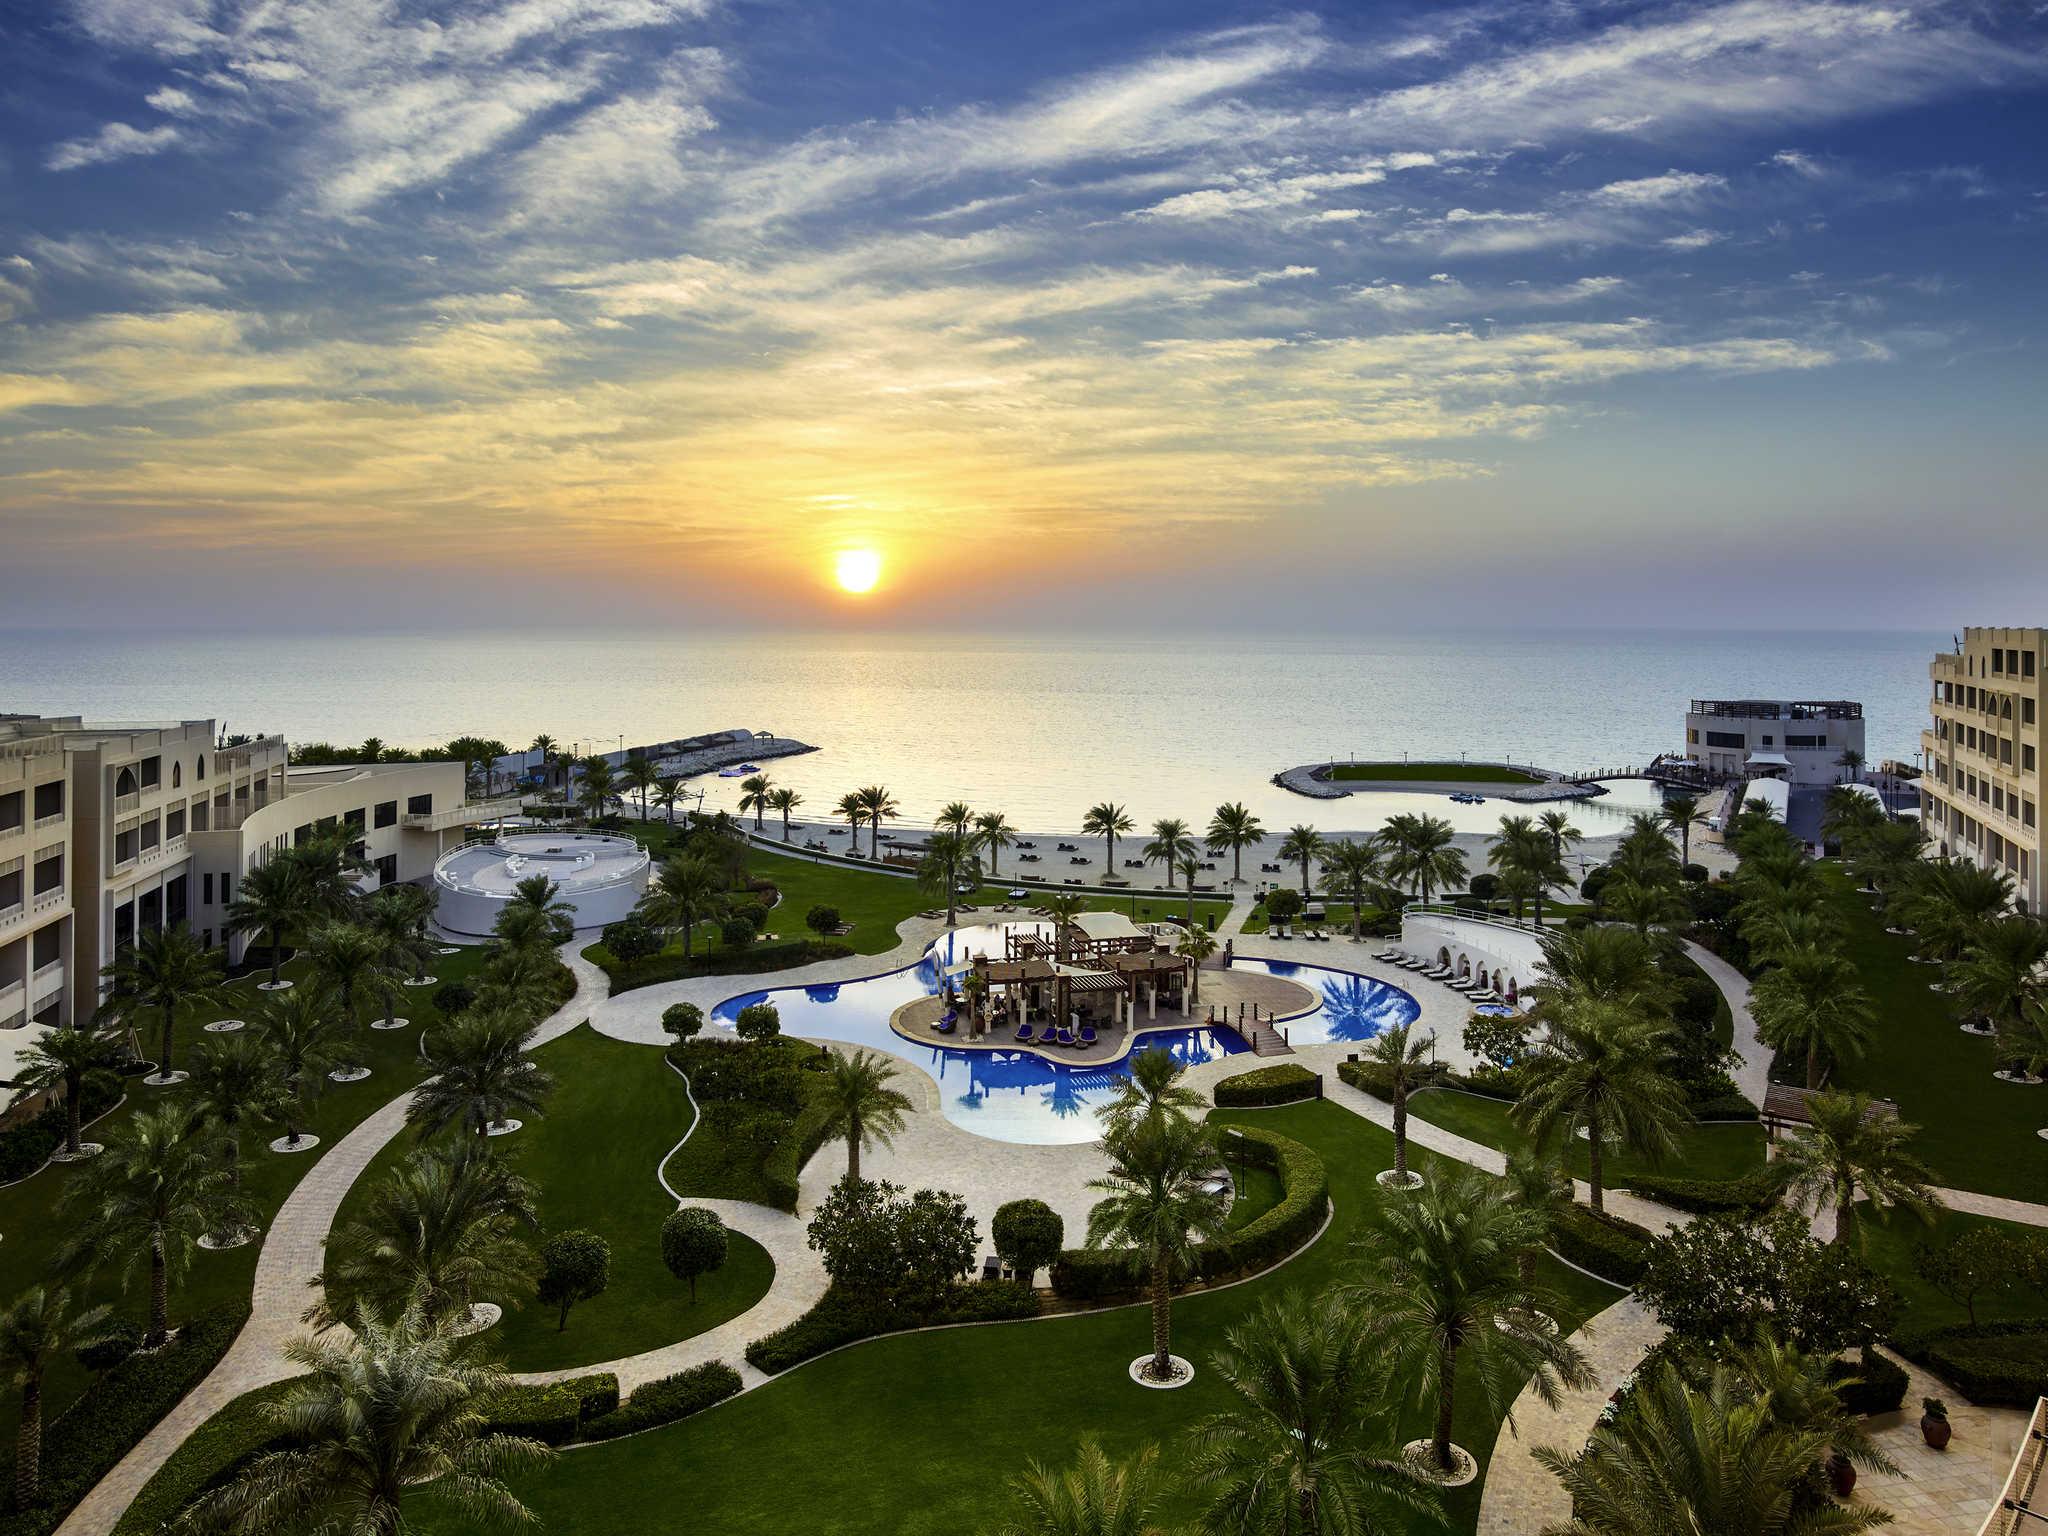 Hotell – Sofitel Bahrain Zallaq Thalassa sea & spa